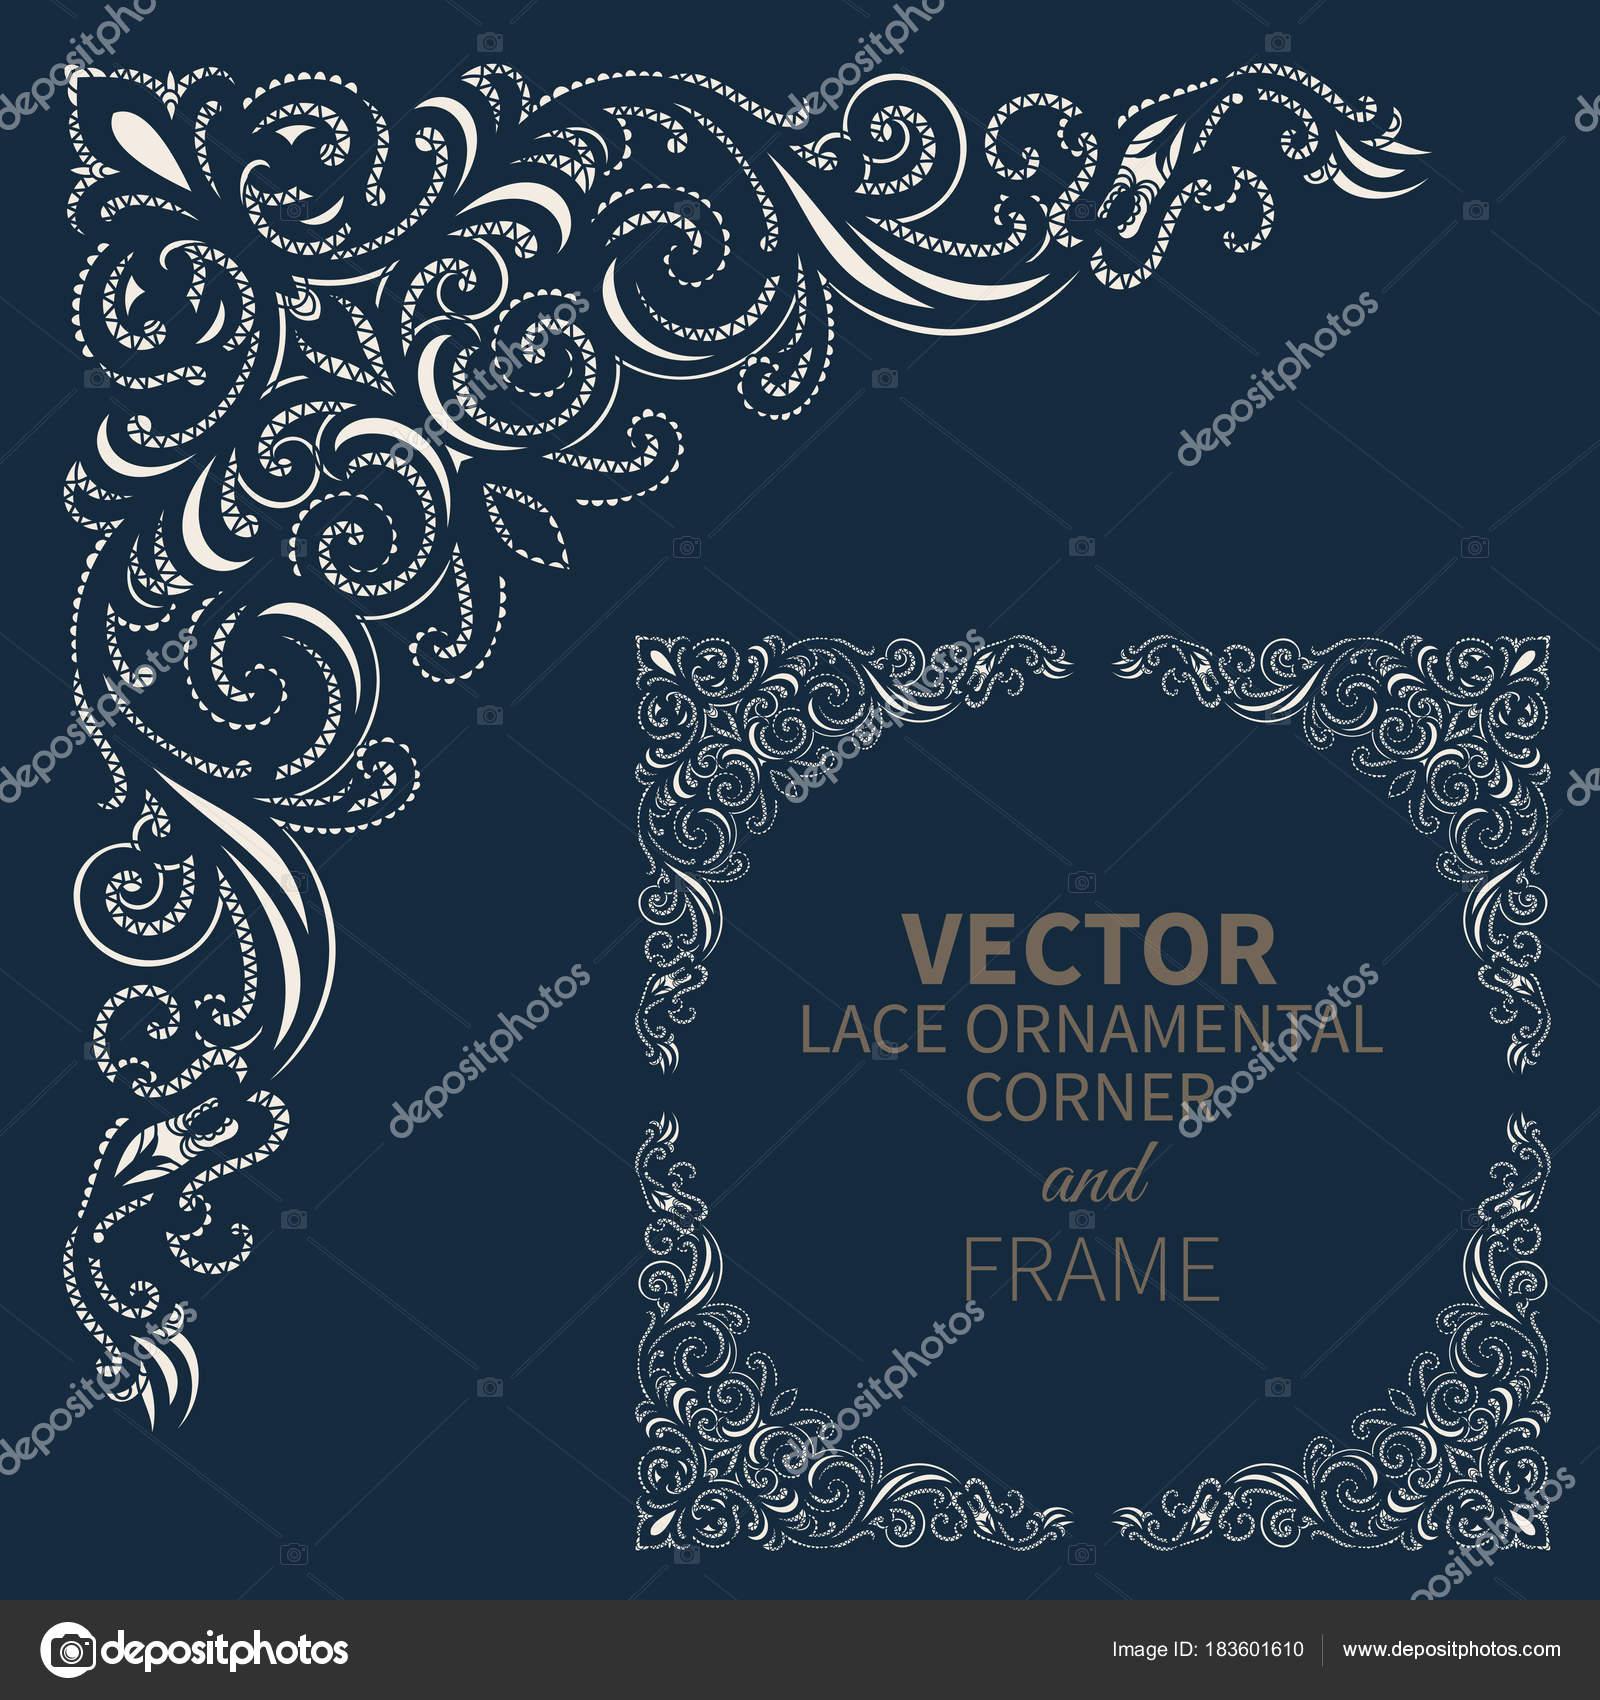 Marco de esquina ornamentales Vector — Archivo Imágenes Vectoriales ...